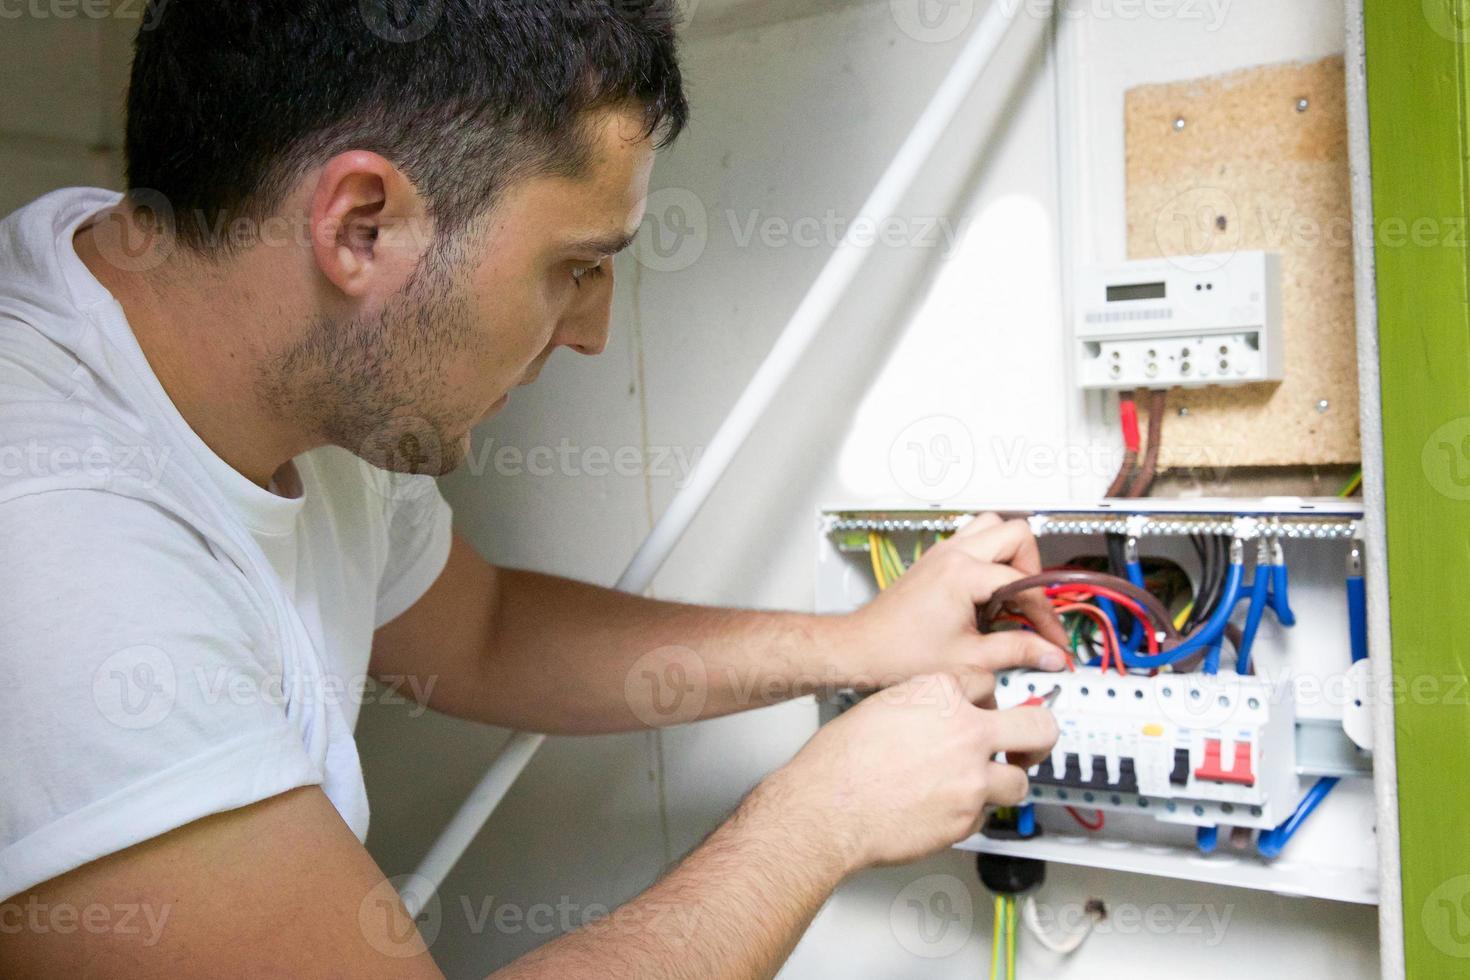 électricien câblant un nouveau disjoncteur pour une propriété résidentielle photo